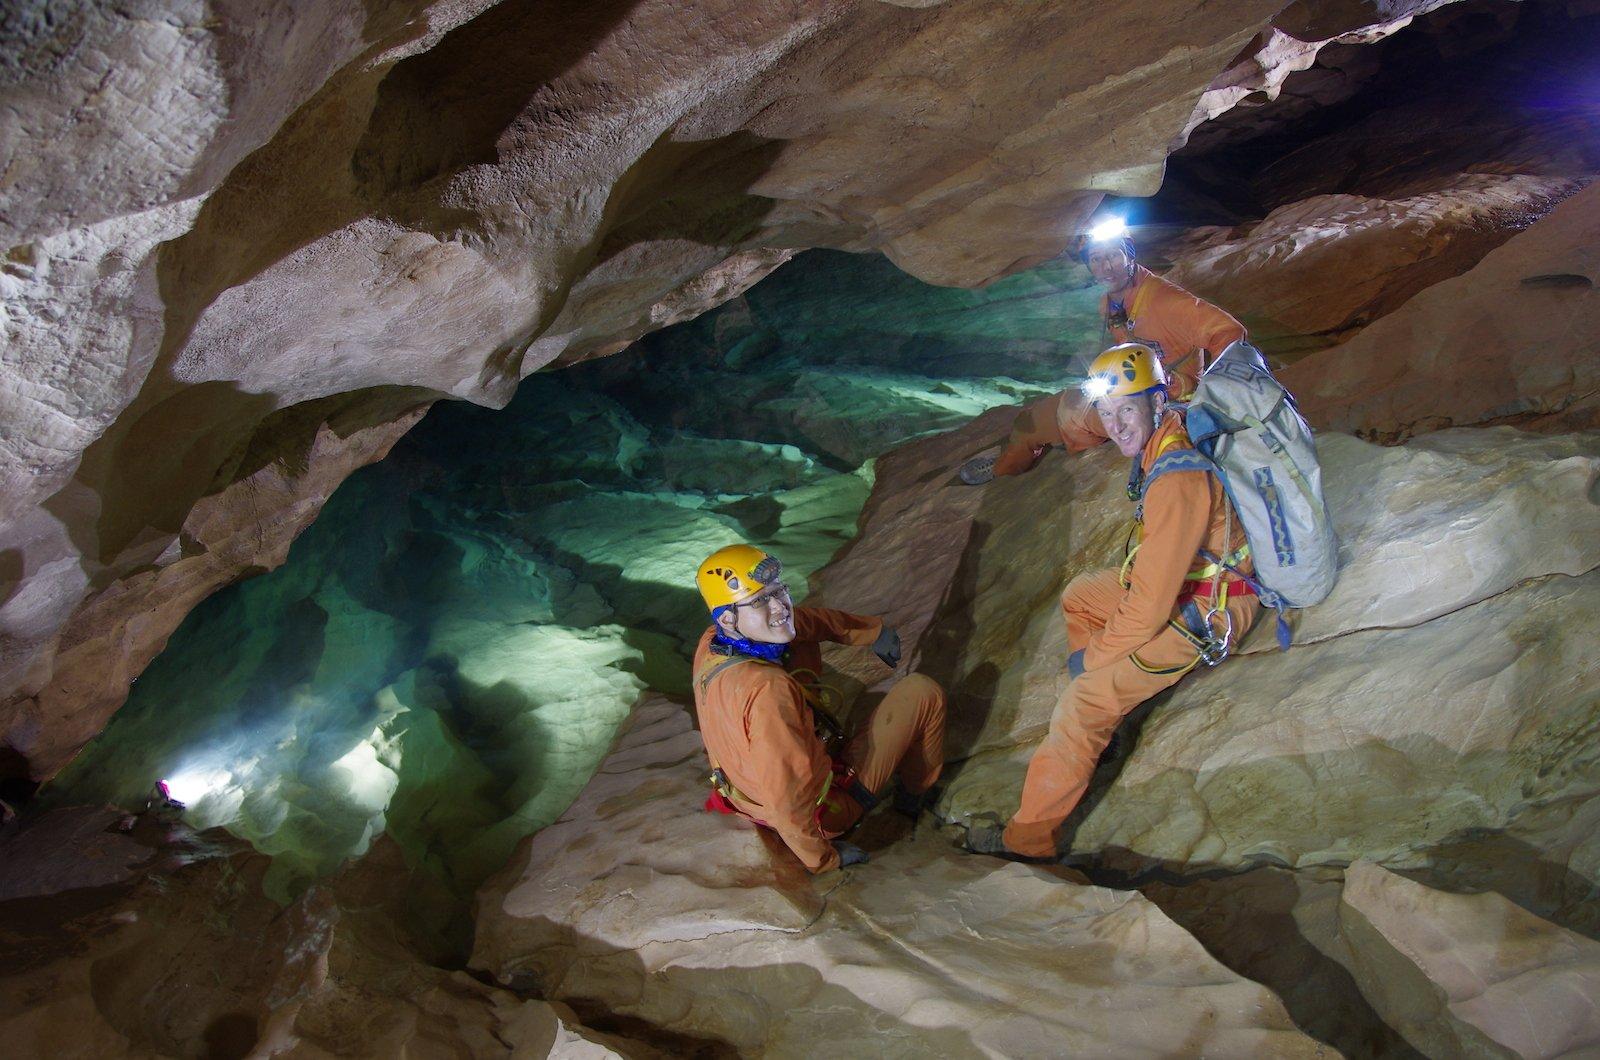 2012 nahm Timothy Peake mit fünf anderen Astronauten an einer extremen Höhlenmission teil. Fast eine Woche lang lebte das Team von der Außenwelt abgeschnitten in den Höhlen von Sardinien. Das Leben auf engstem Raum, ohne Privatsphäre oder Komfort, mit wenig Ausrüstung und technischen Herausforderungen – ähnlich wie im All – sollte geprobt werden.